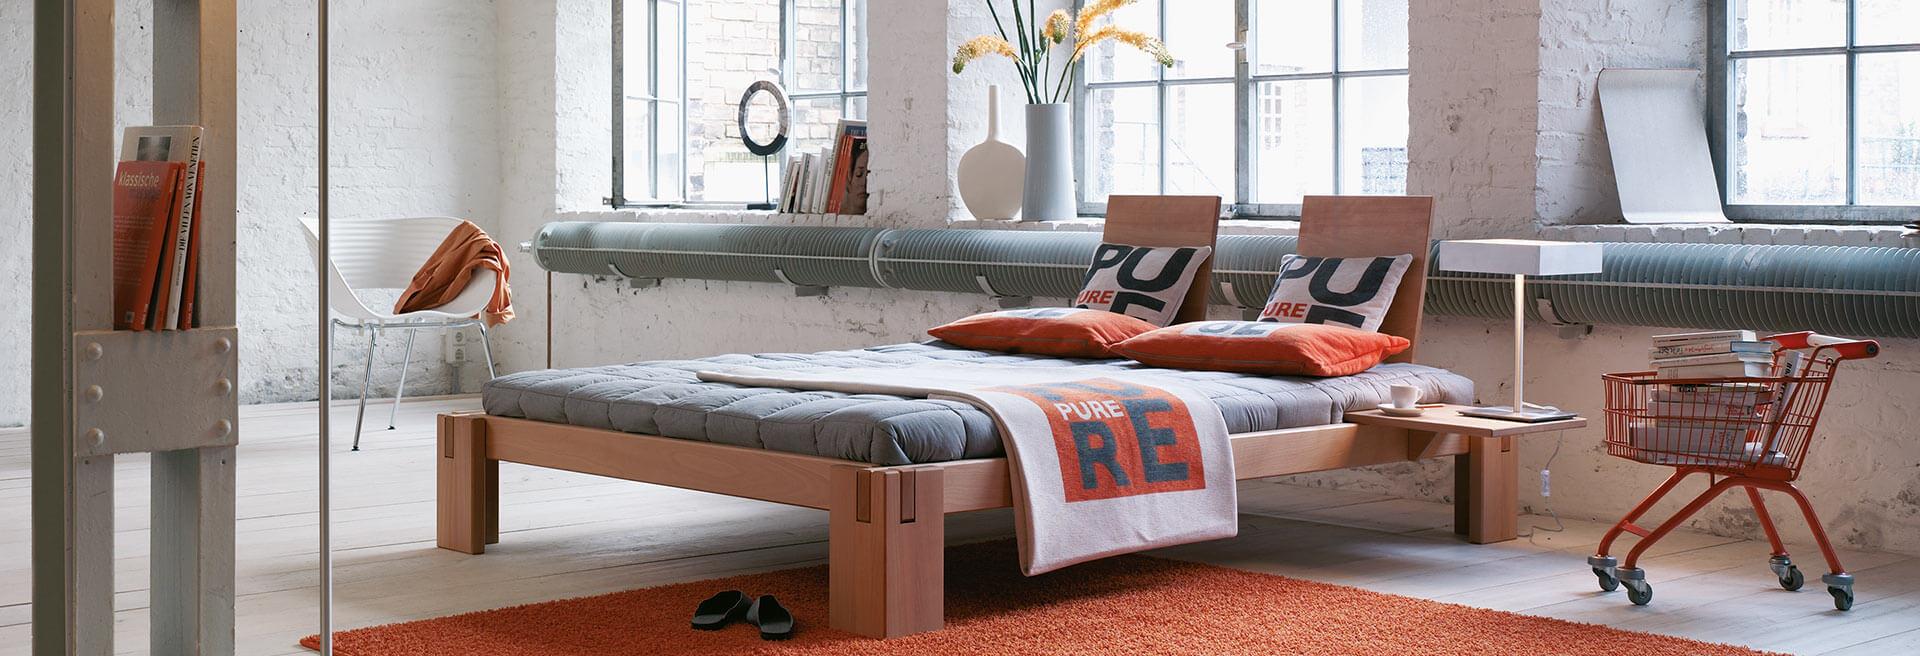 Full Size of Das Massivholzbett Nuveo Bett Grau Außergewöhnliche Betten 120x200 Mit Bettkasten Weißes Ebay Poco Weiß Breckle 200x200 180x200 Breite Massiv 120x190 Bett Dormiente Bett